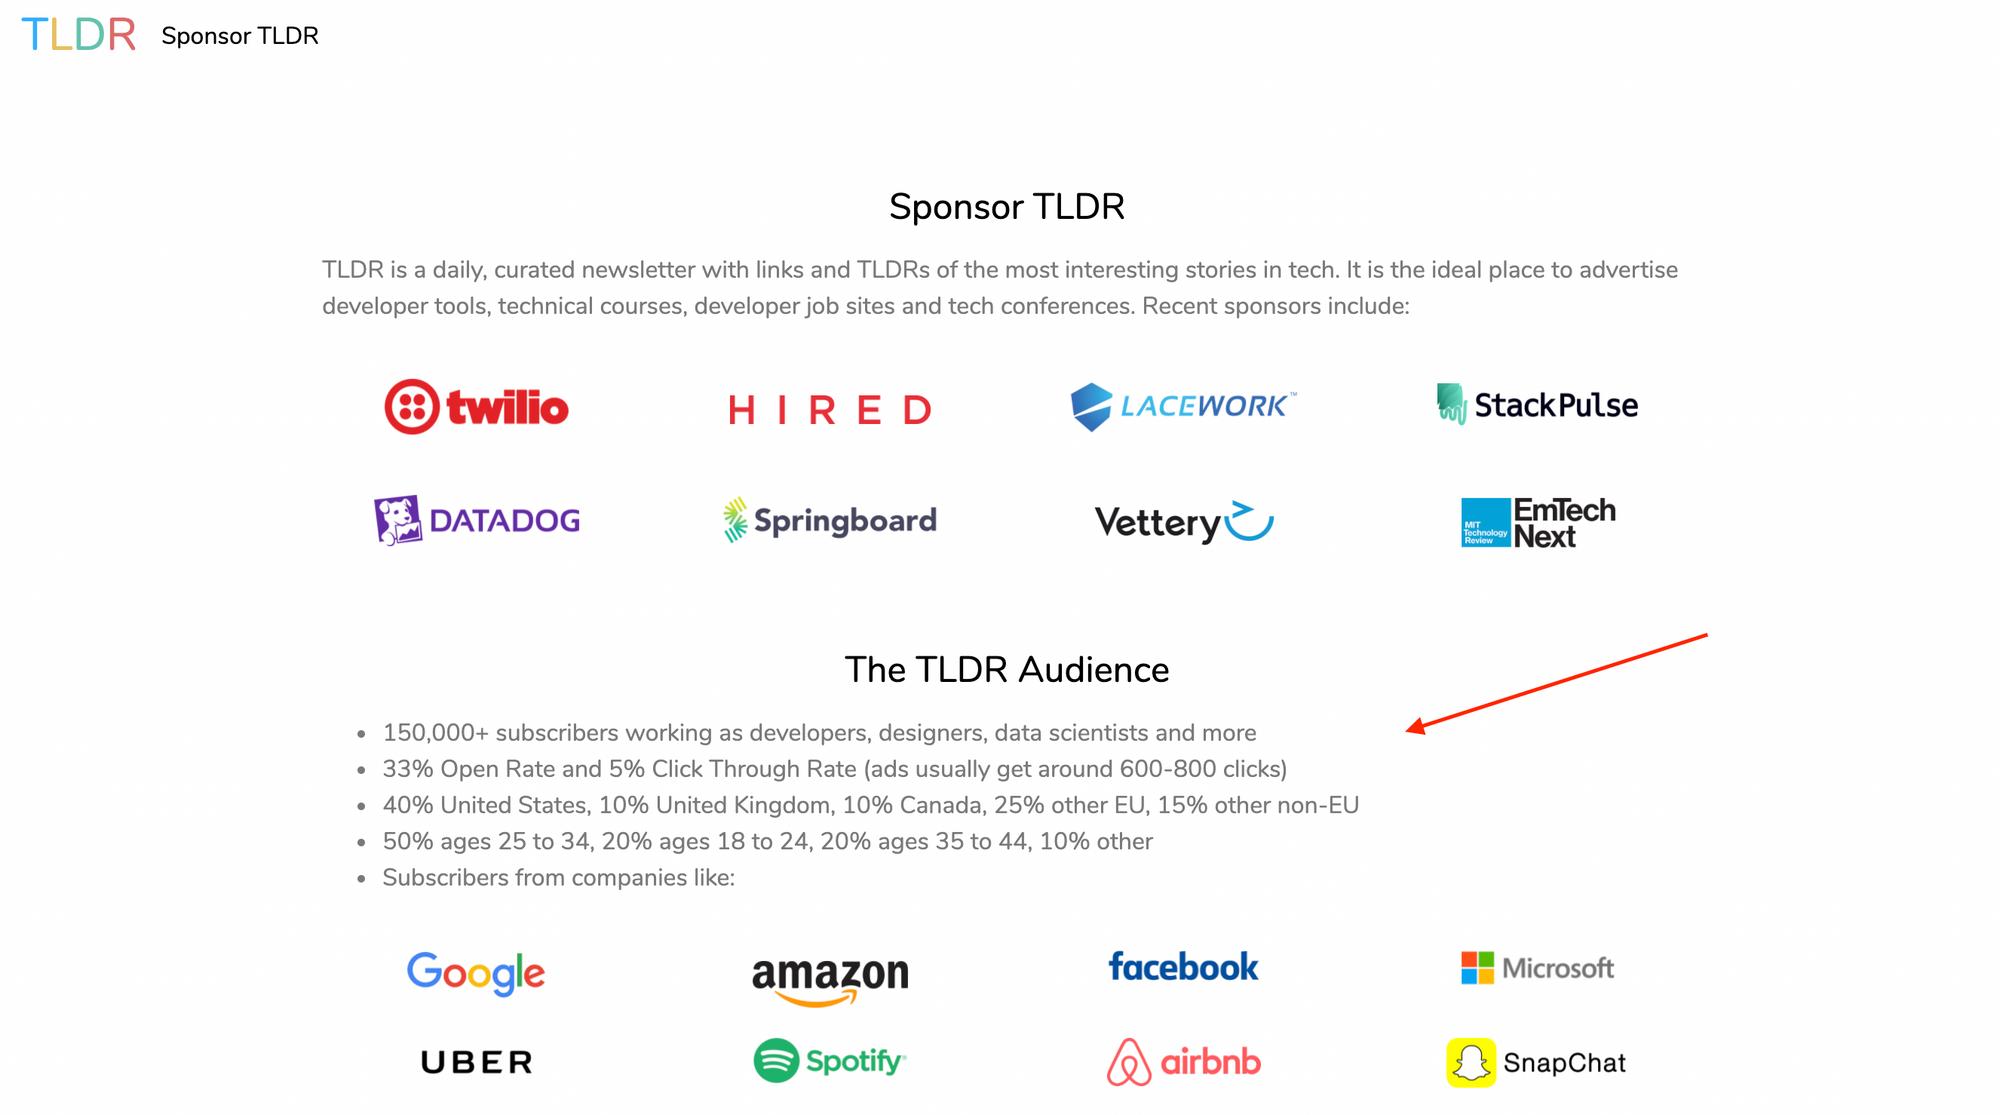 tldr newsletter sponsorships page